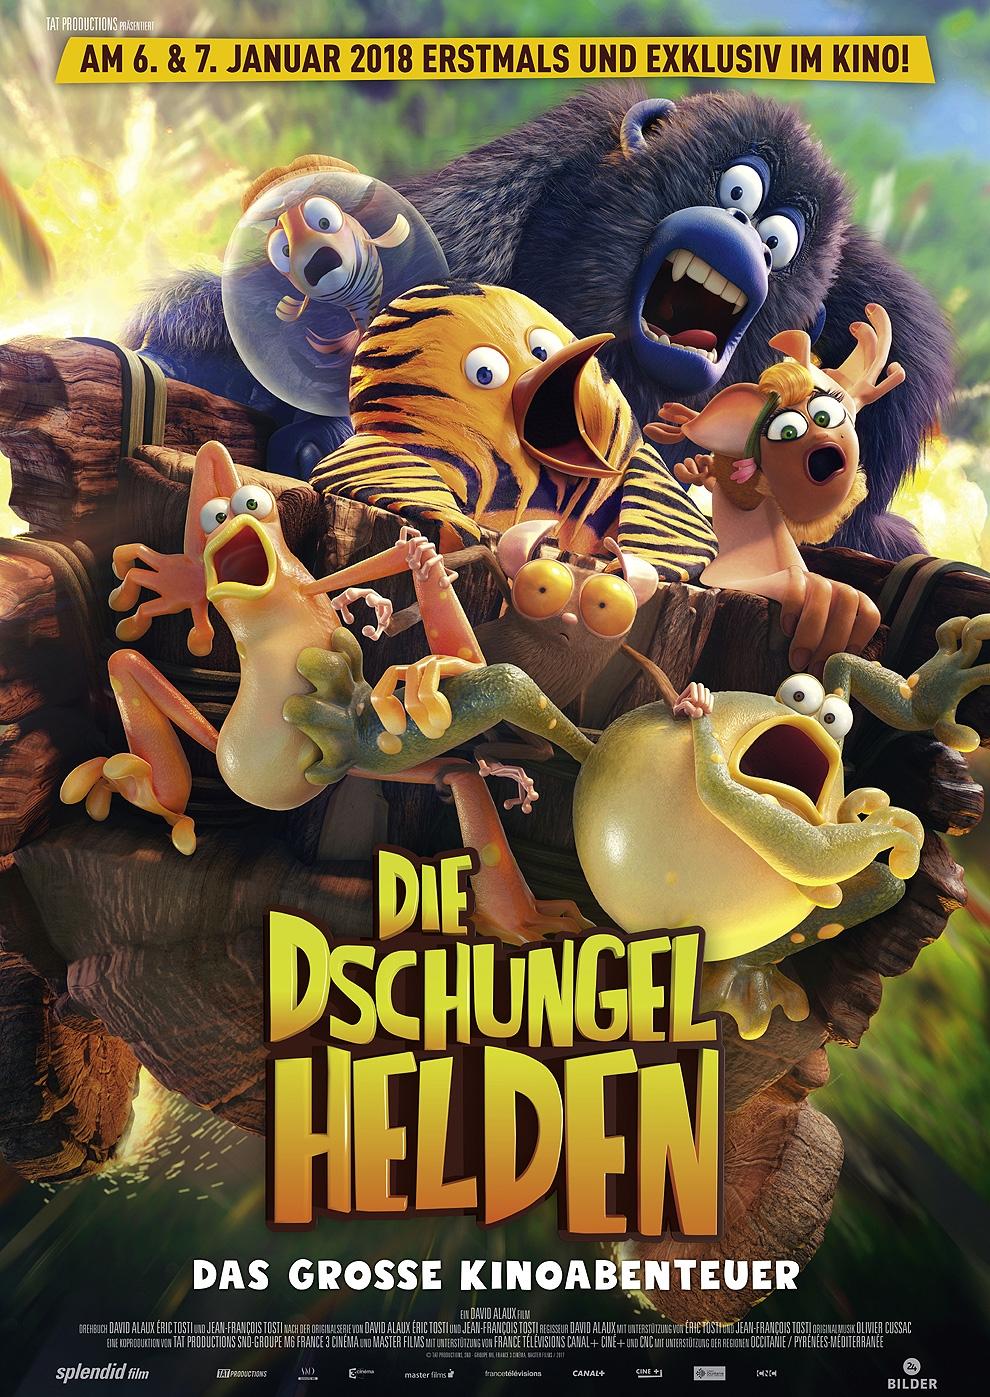 Die Dschungelhelden - Das grosse Kinoabenteuer (Poster)